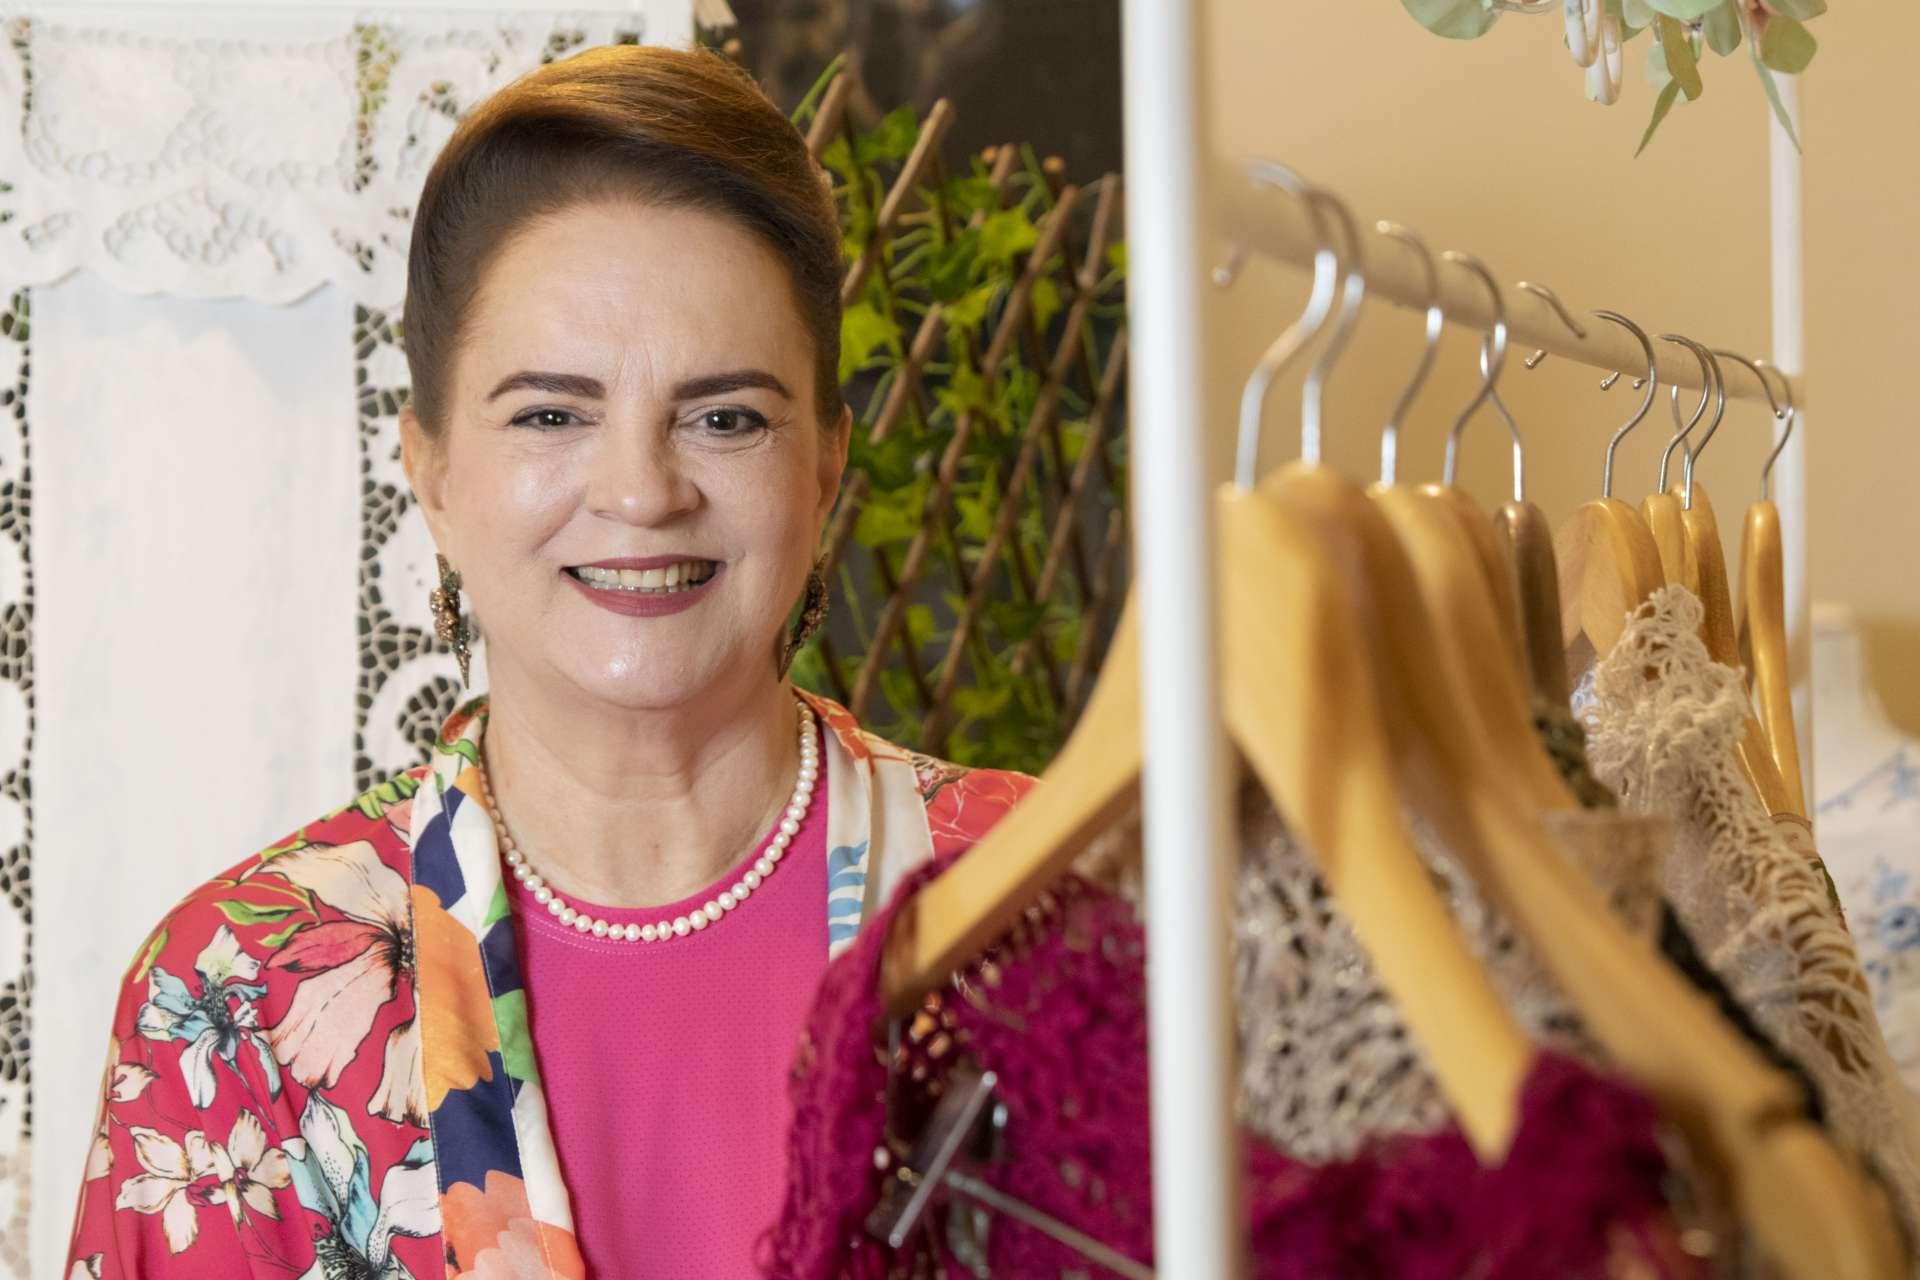 Ethel Whitehurst expandiu em 30% as vendas online e criou novos serviços (Foto: JÚLIO CAESAR)